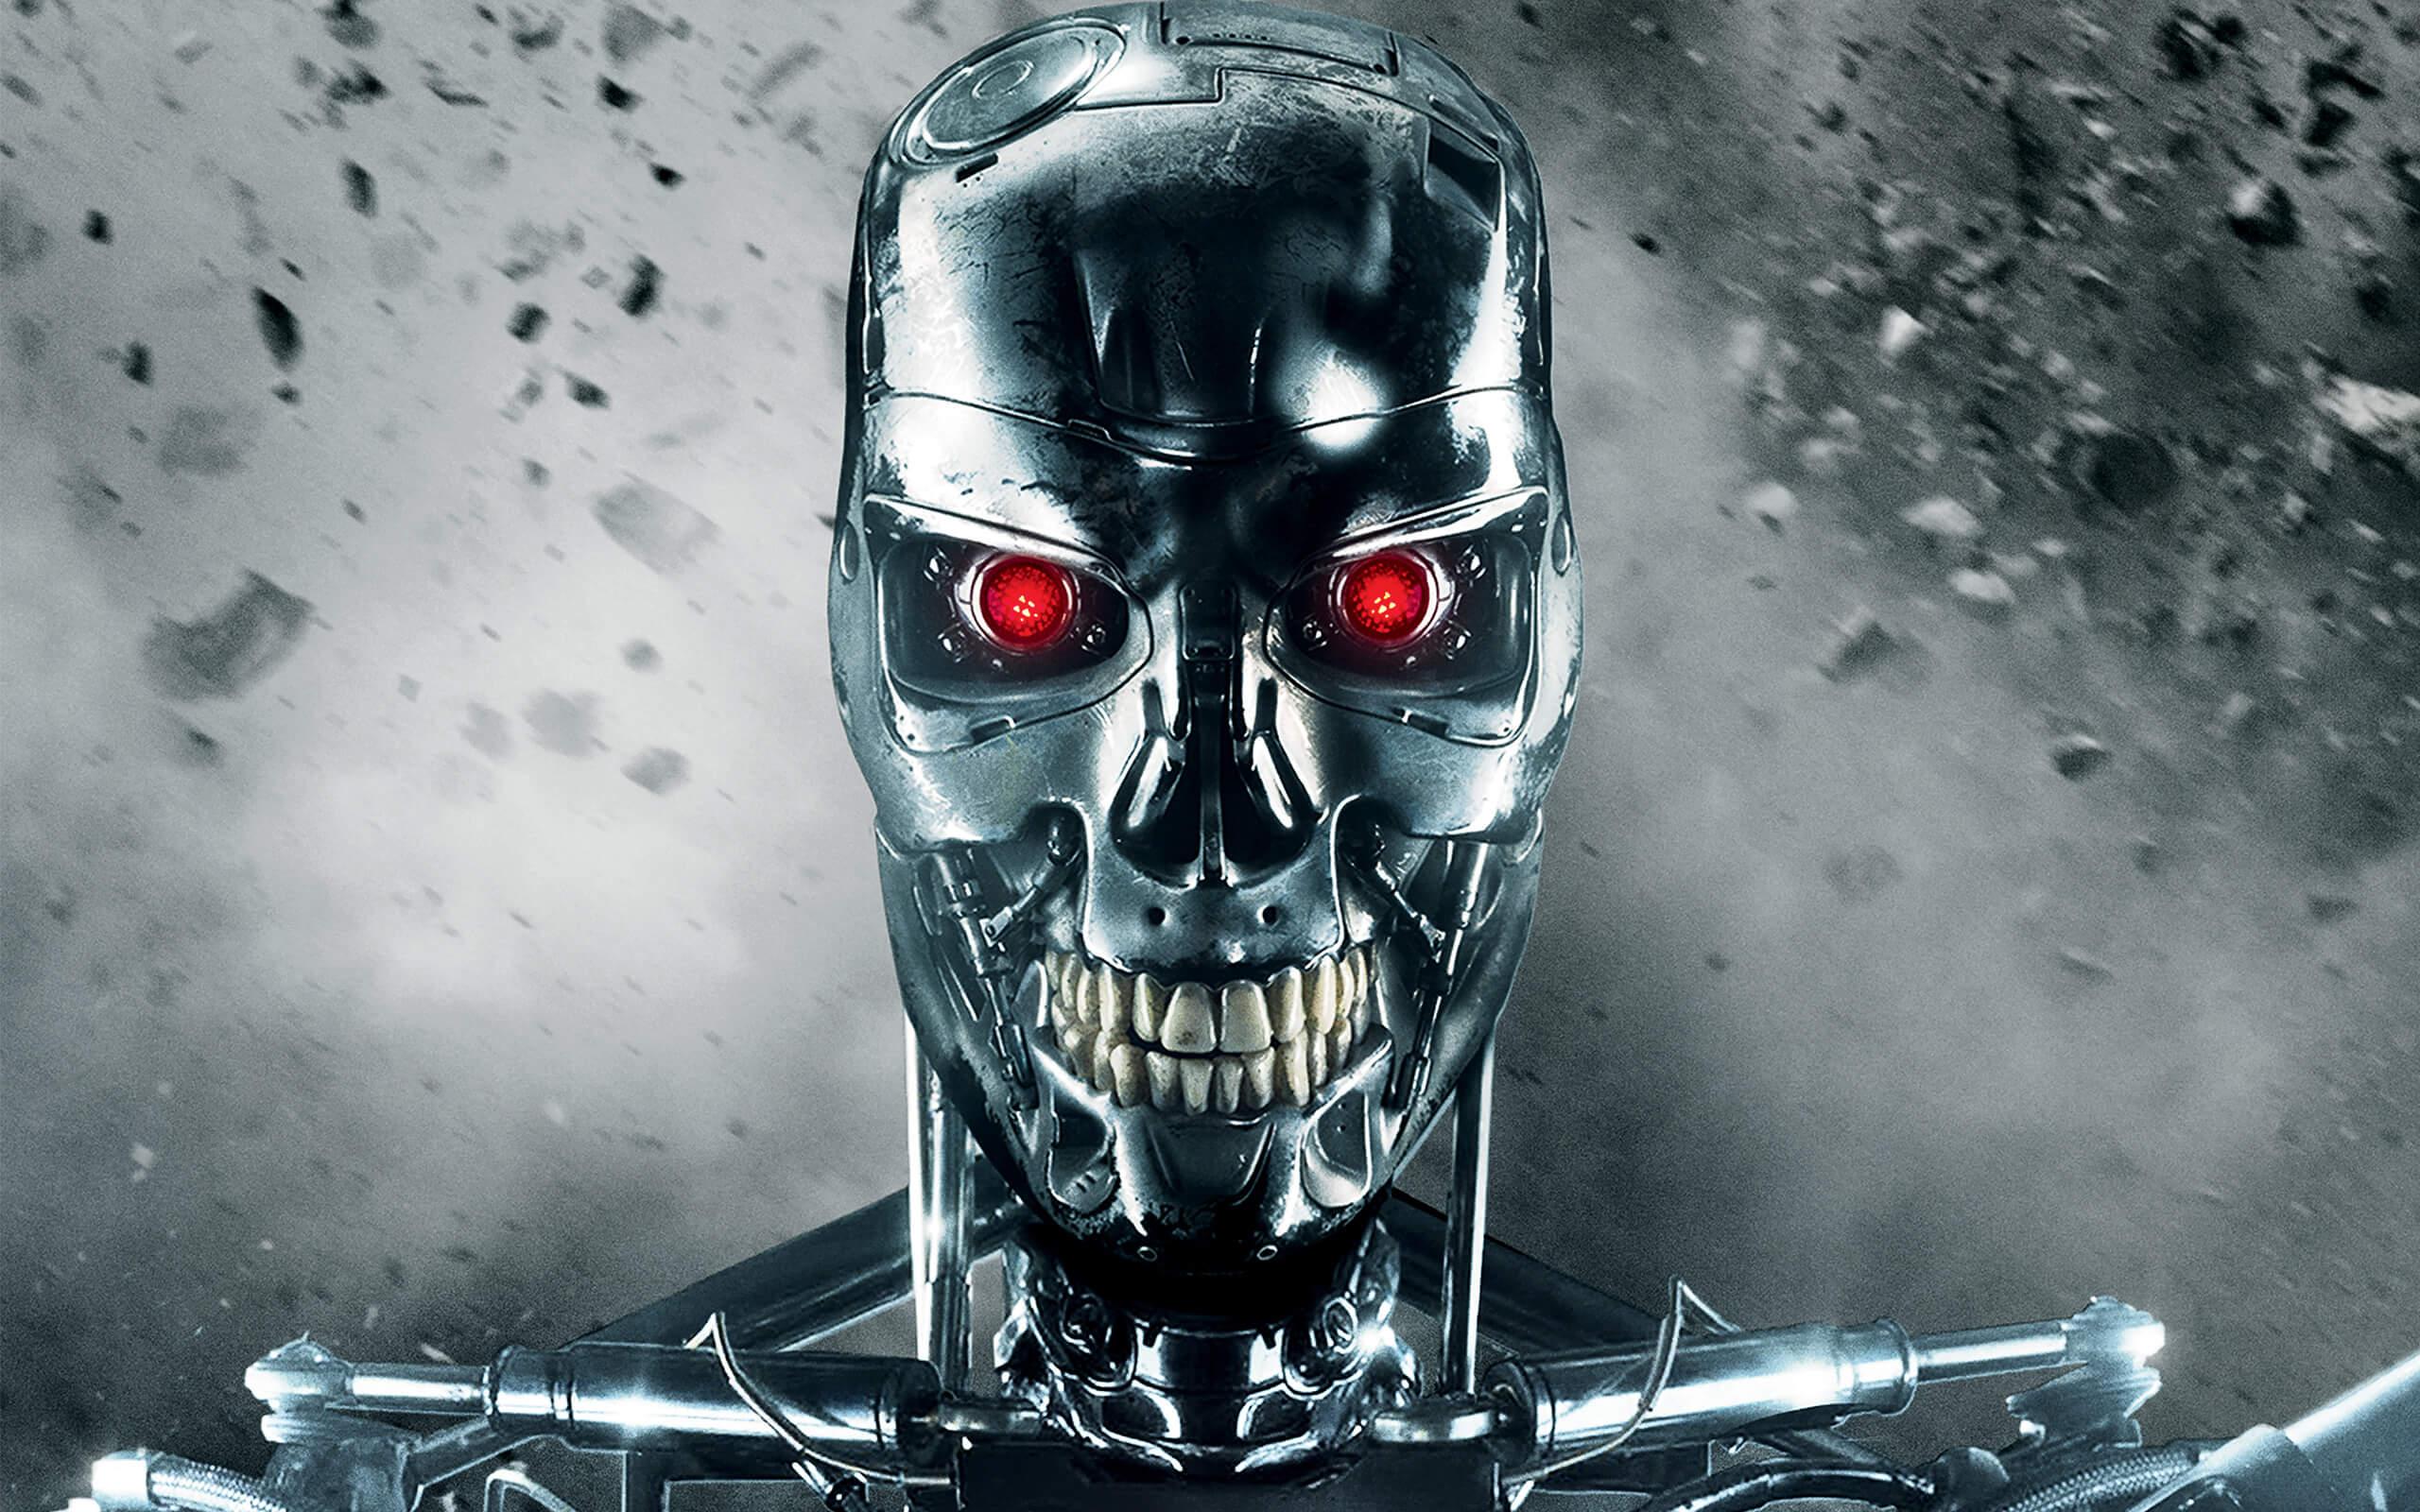 L'Université de Kaist boycottée pour avoir développé des robots tueurs